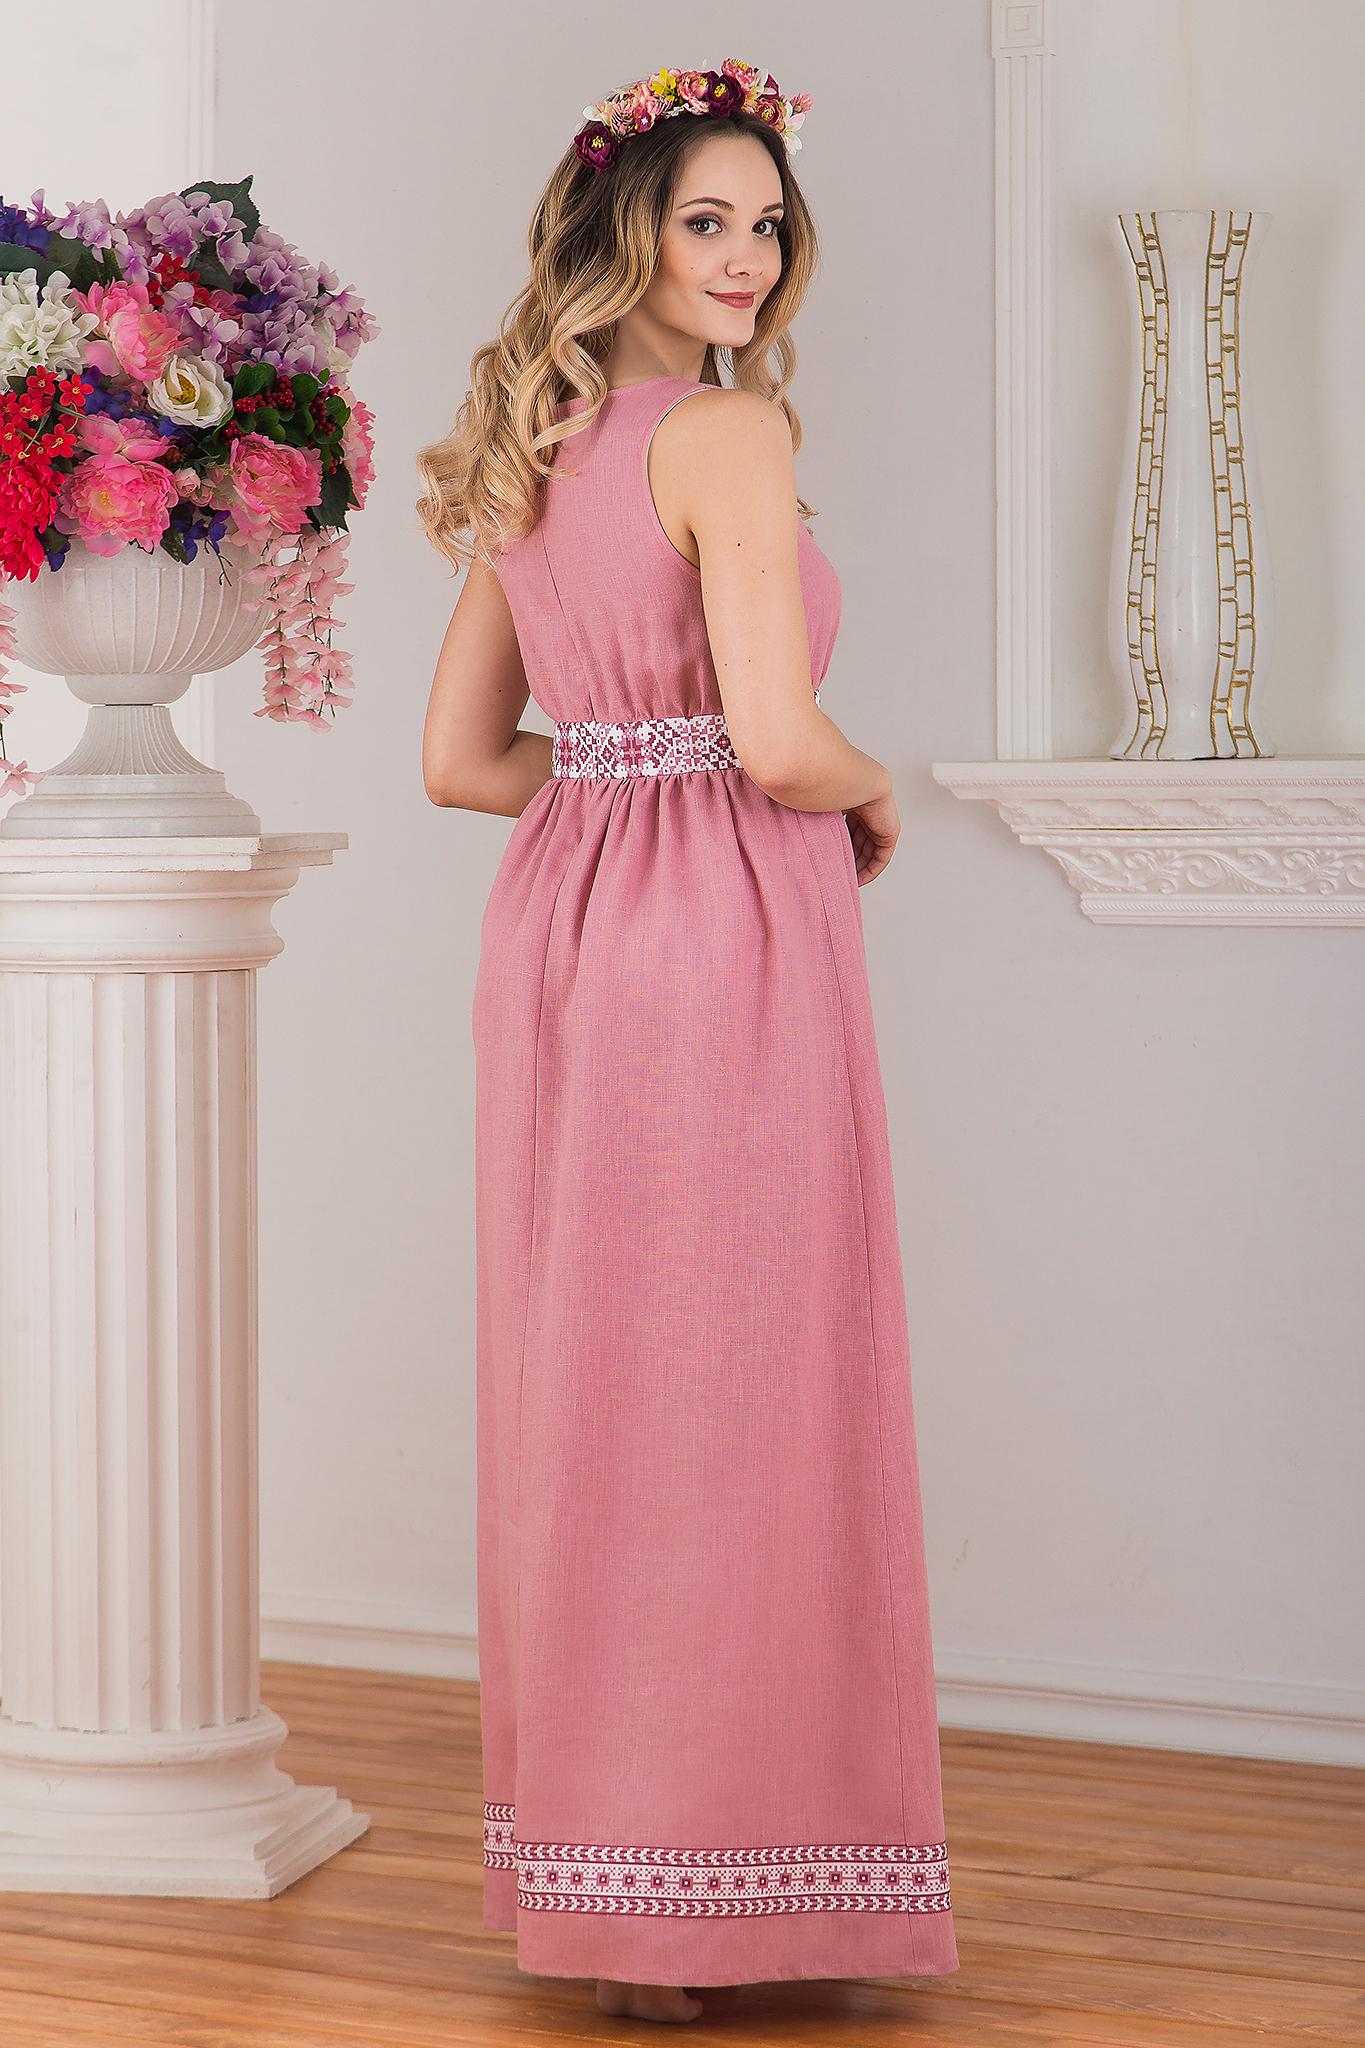 Сарафан традиционный розовый льняной Алатырь от Иванка вид сзади